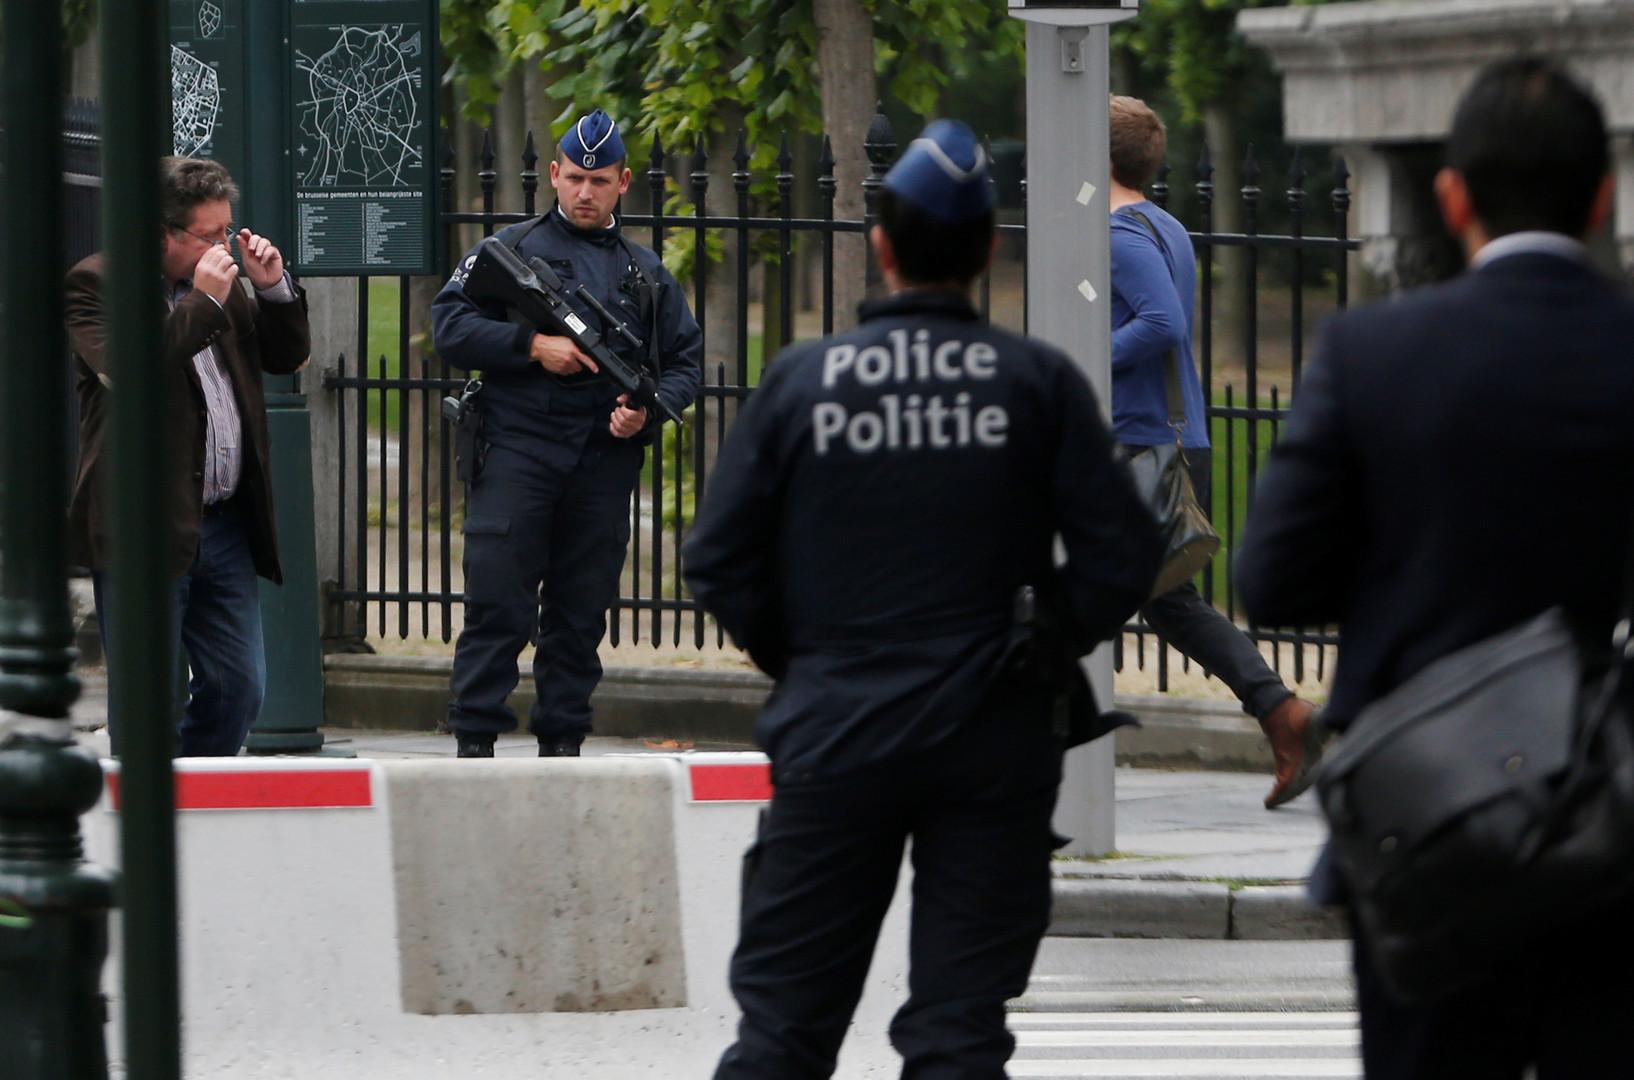 Трёх жителей Бельгии обвинили в попытке совершить теракт